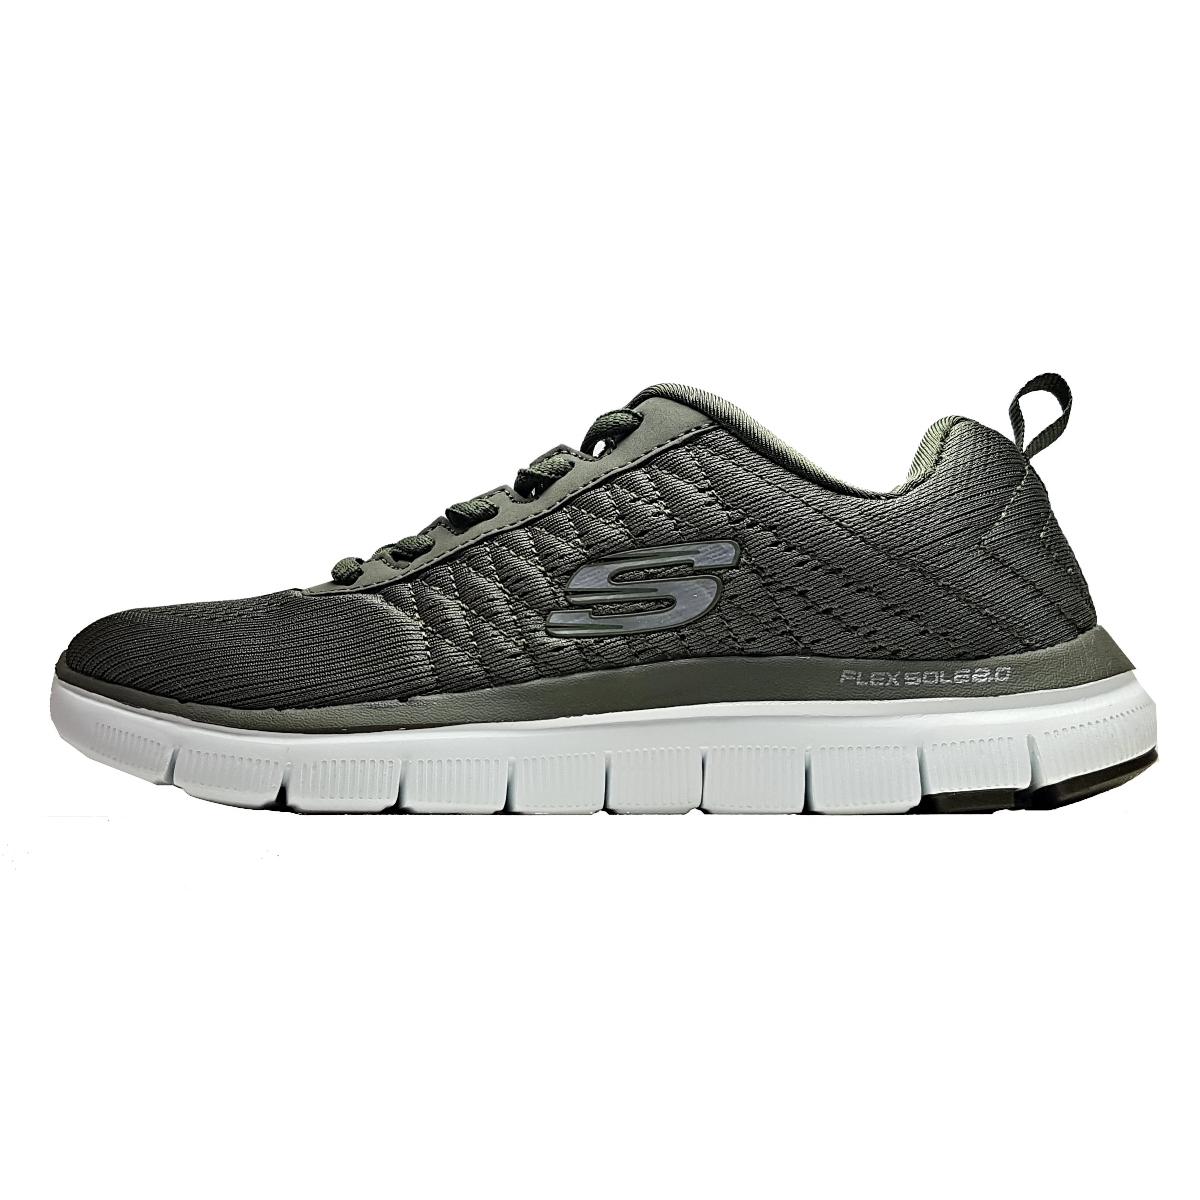 خرید کفش مخصوص پیاده روی زنانه اسکچرز مدل flex appeal 2.0